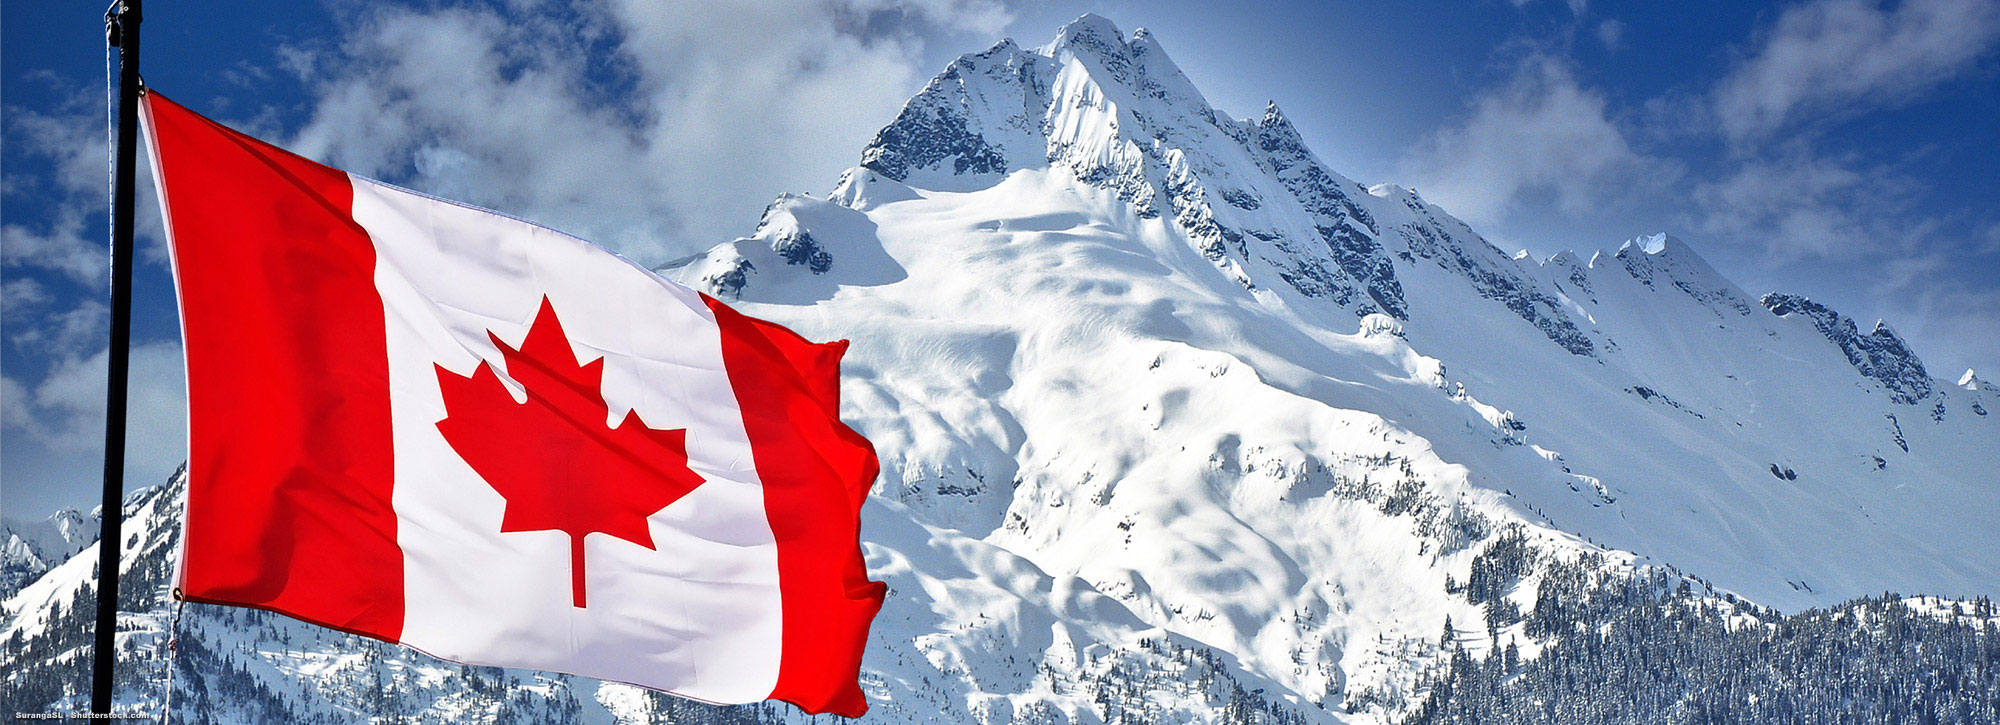 Corsi di preparazione all'esame FCE in Canada